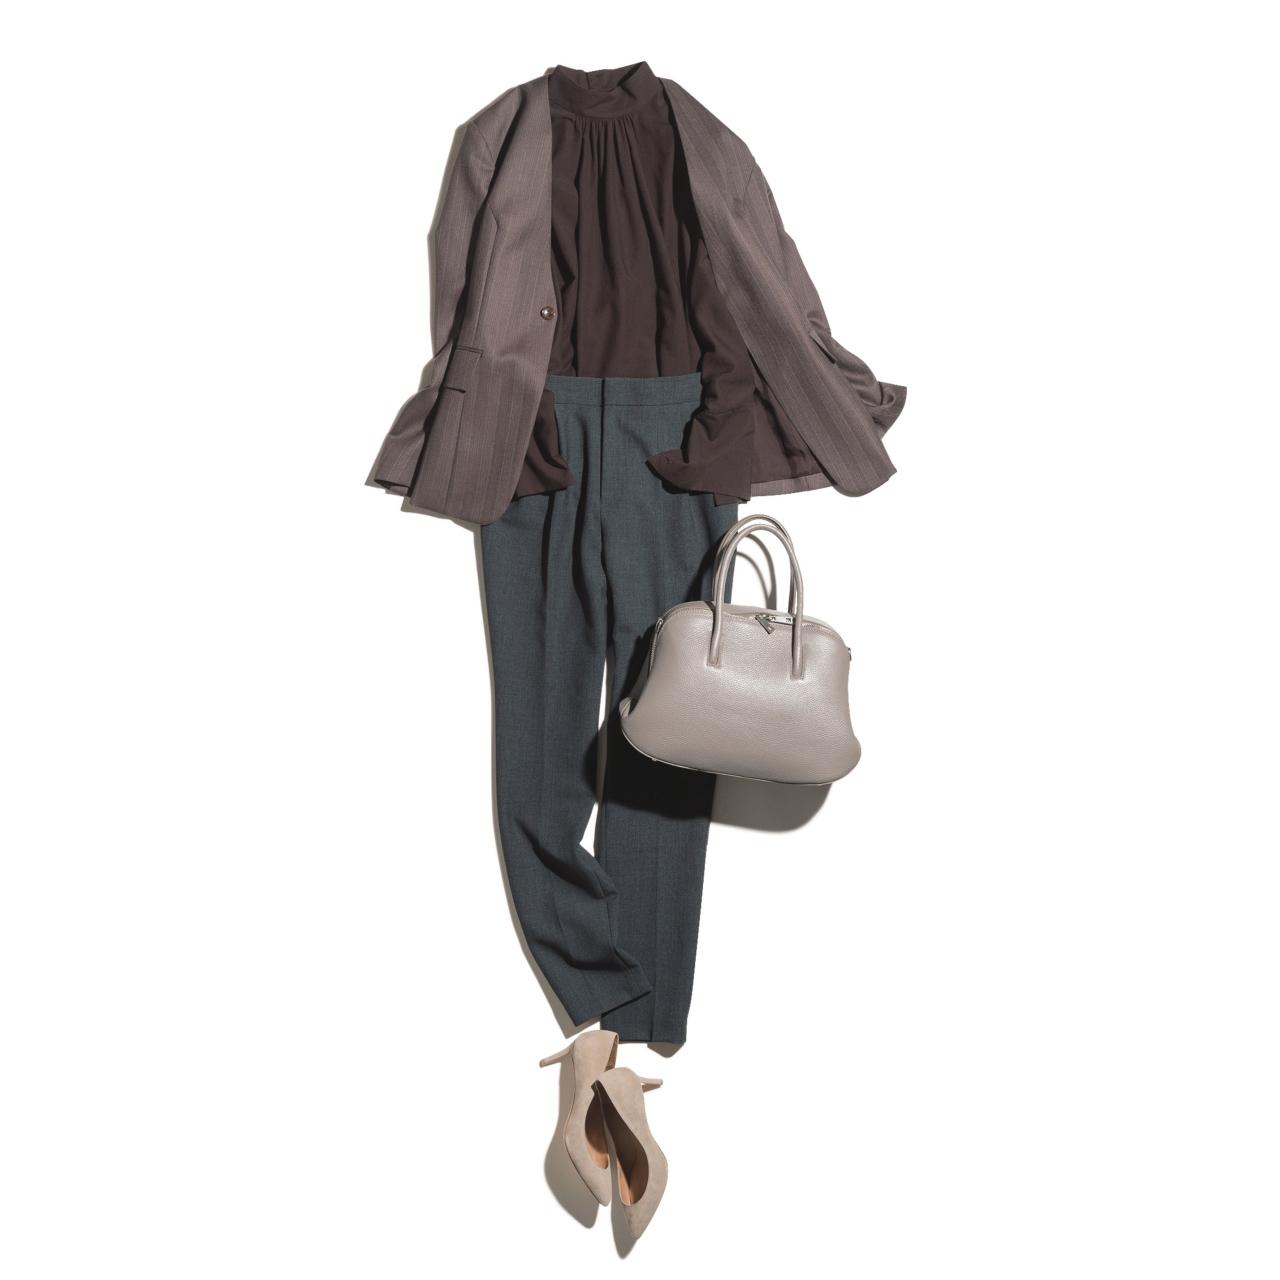 ブラウン系ジャケット×パンツのファッションコーデ